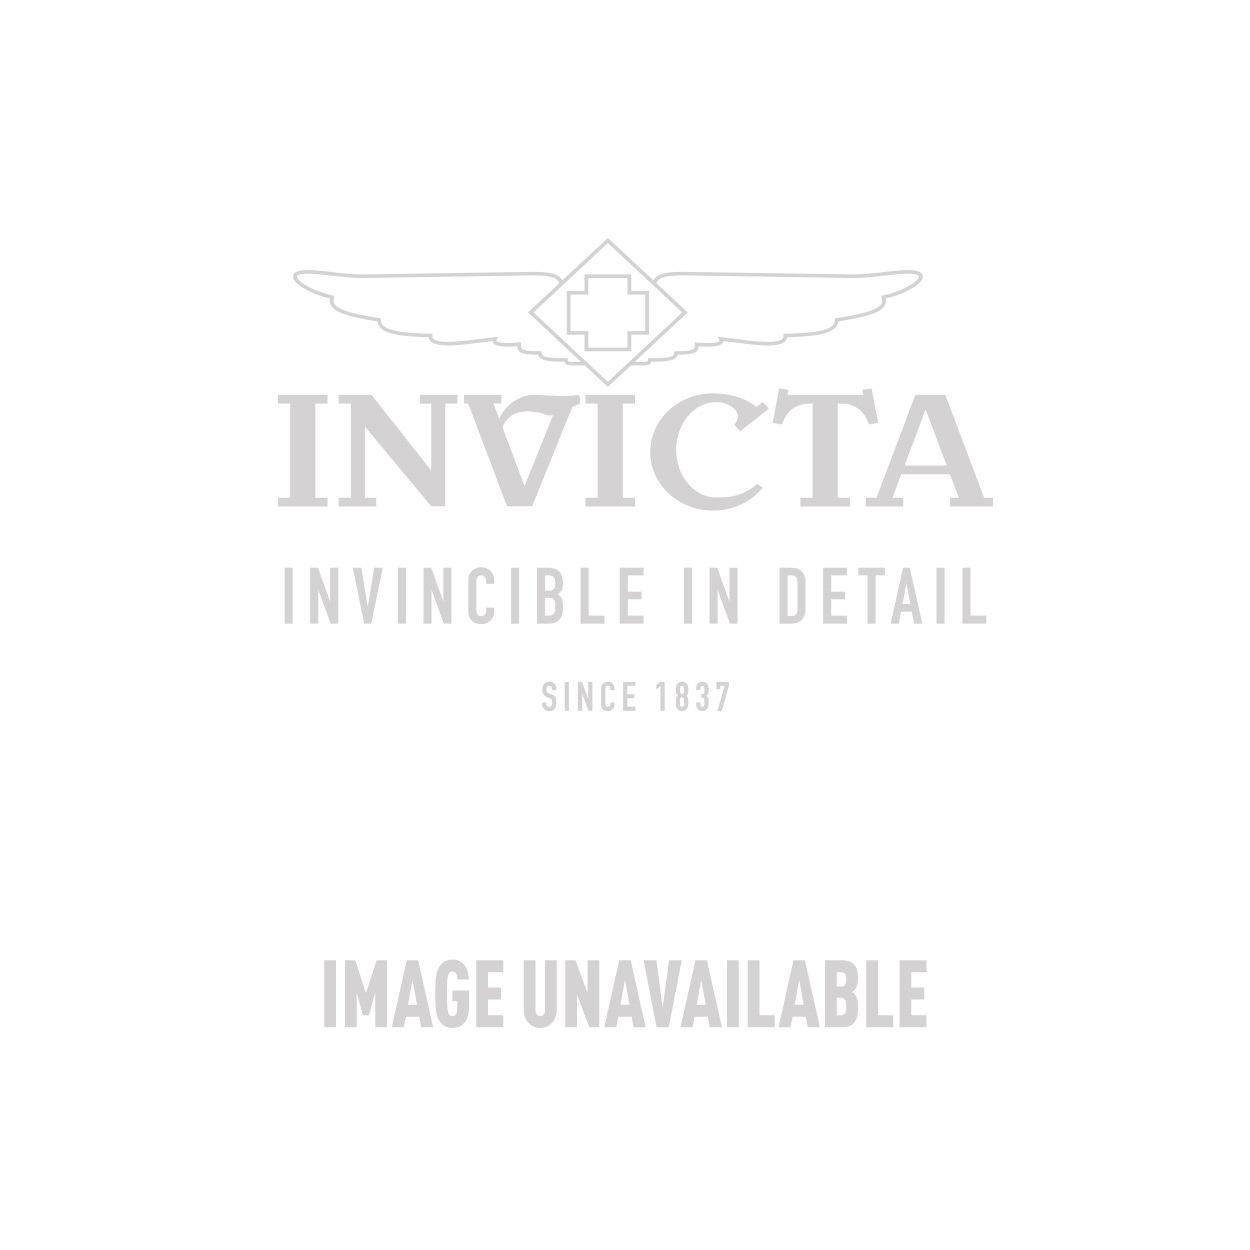 Invicta JT Mens Quartz... Eva Longoria Collection